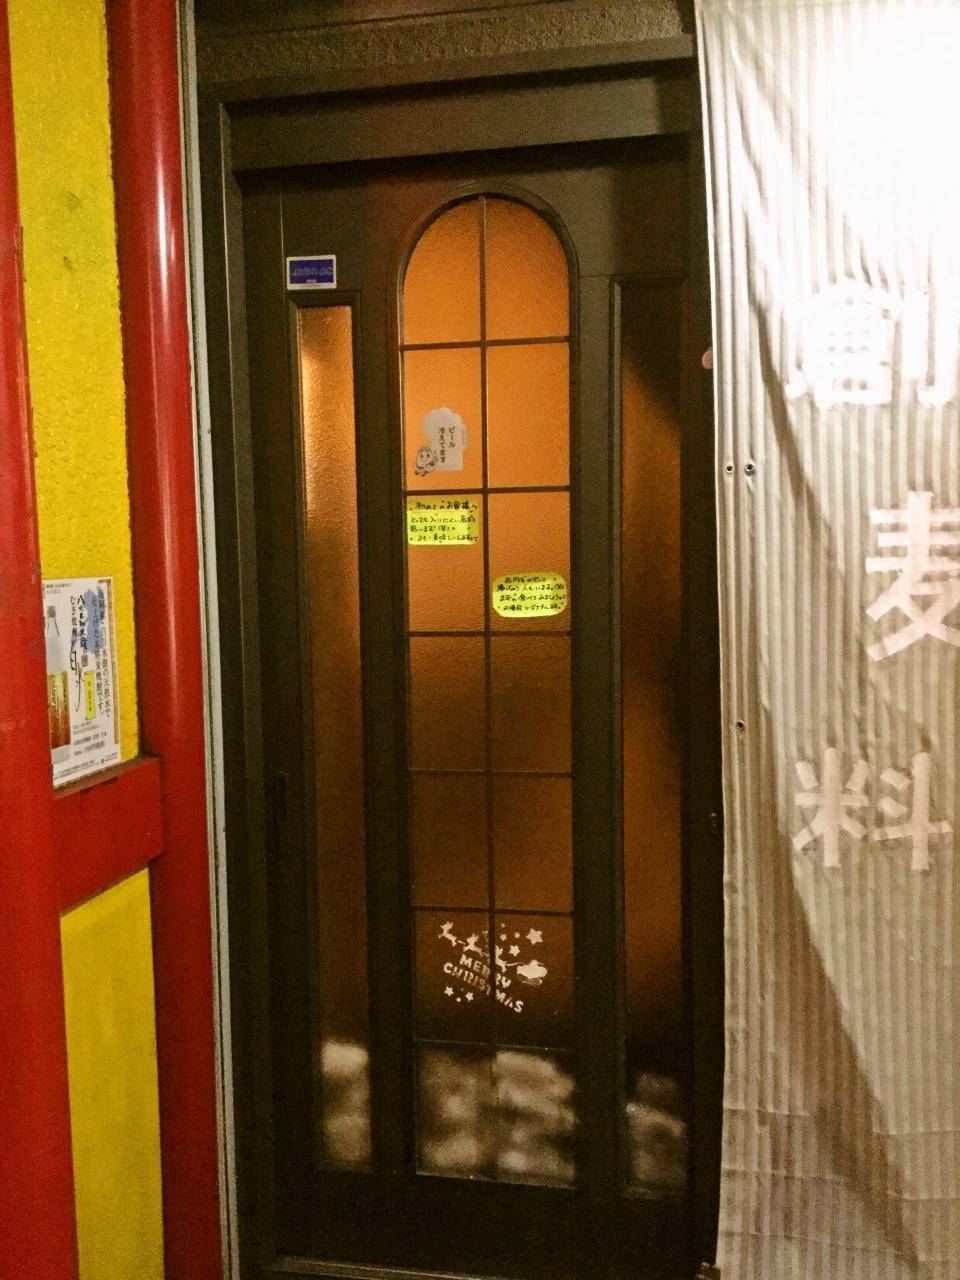 台湾創作料理 公(店舗)